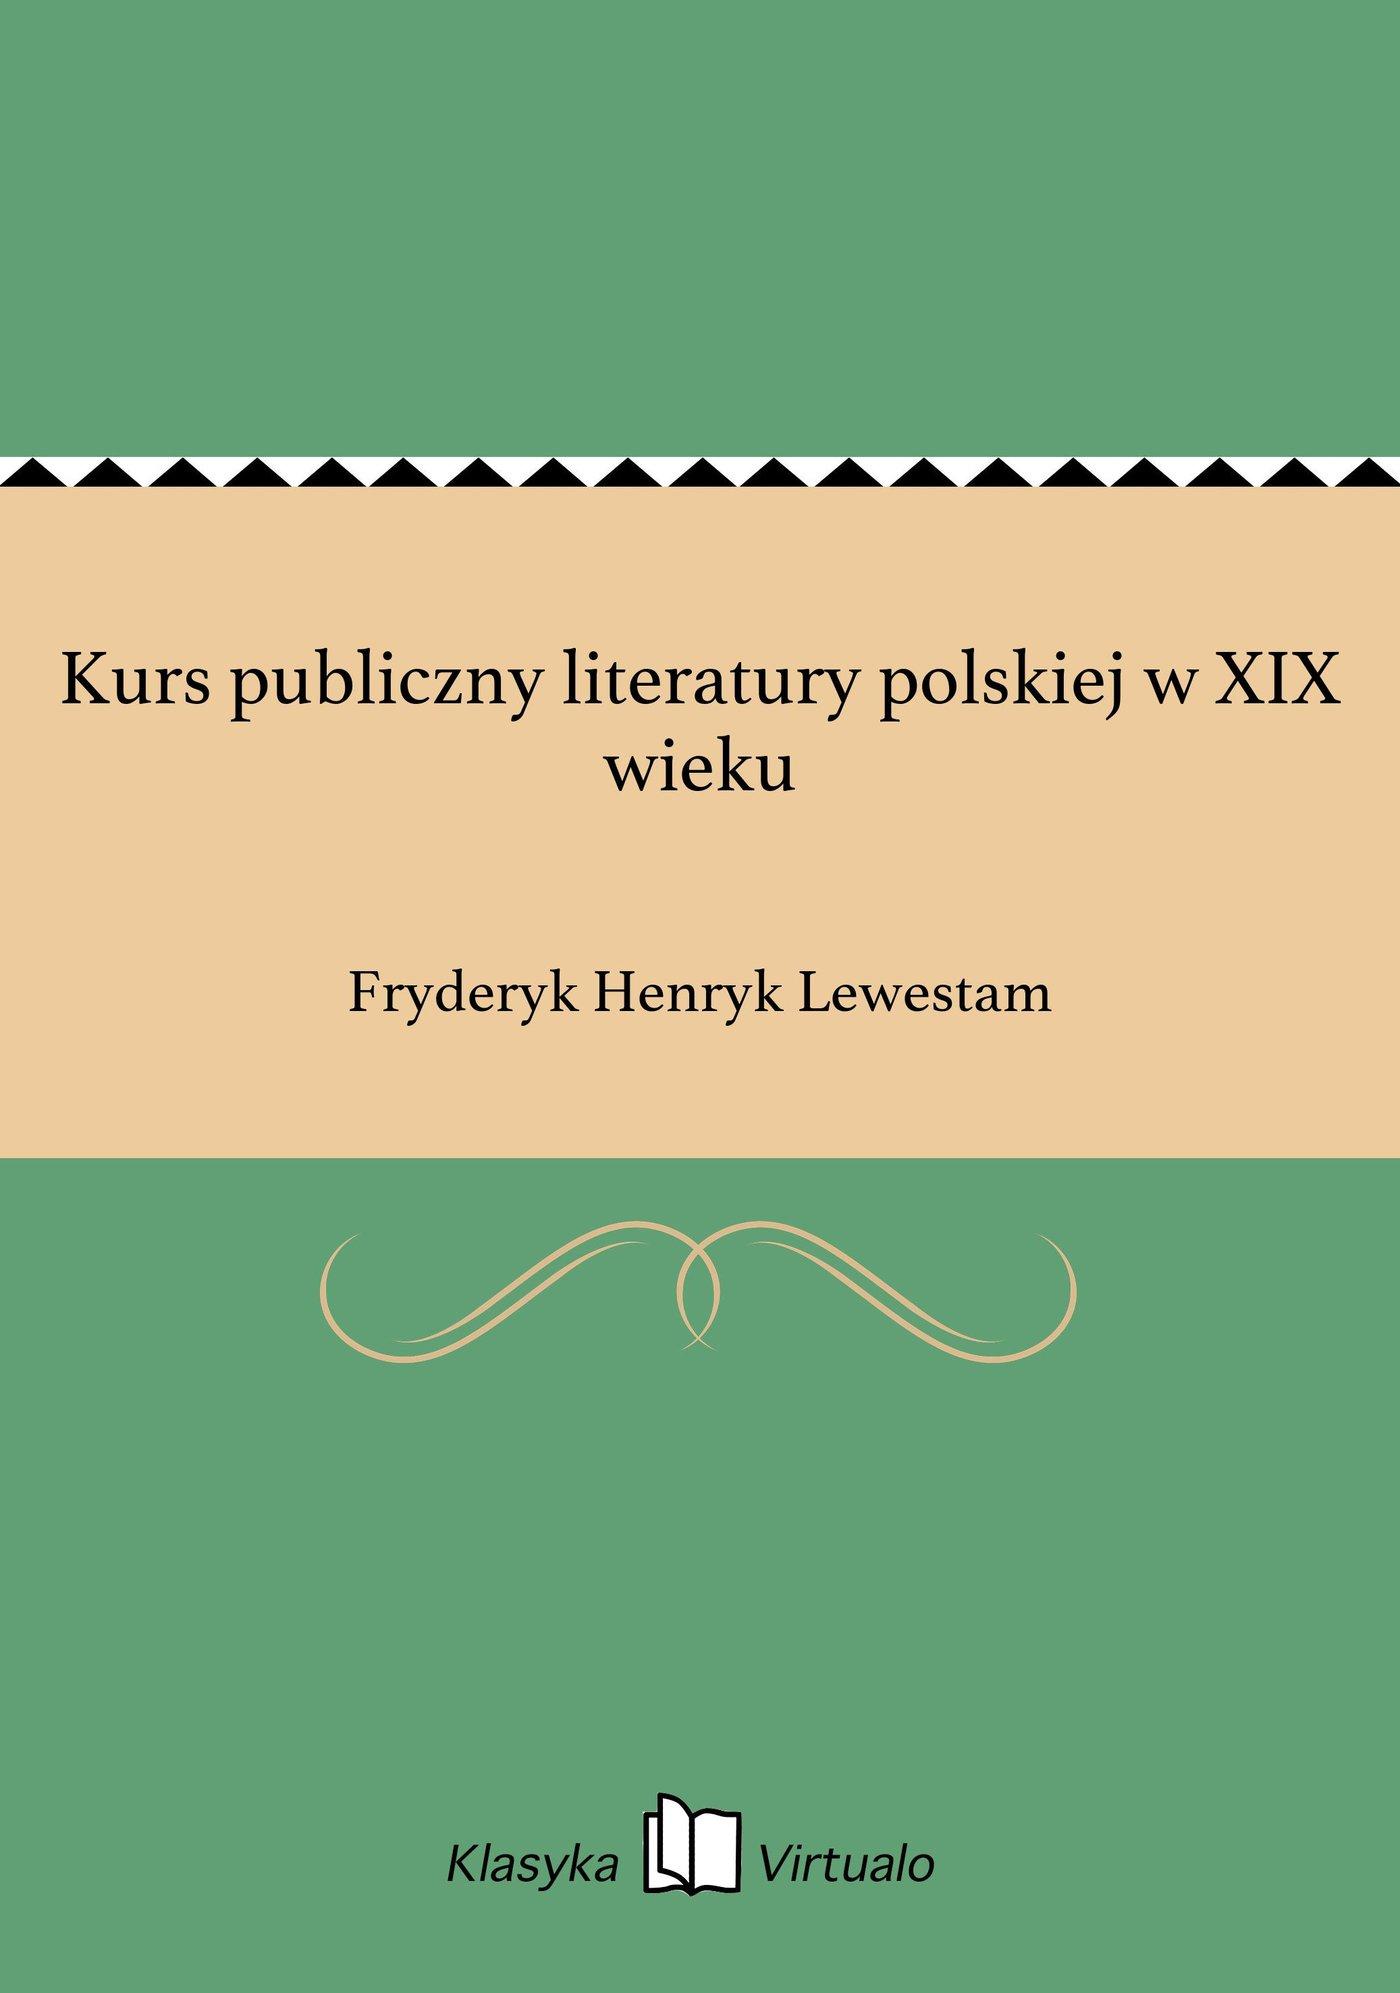 Kurs publiczny literatury polskiej w XIX wieku - Ebook (Książka na Kindle) do pobrania w formacie MOBI